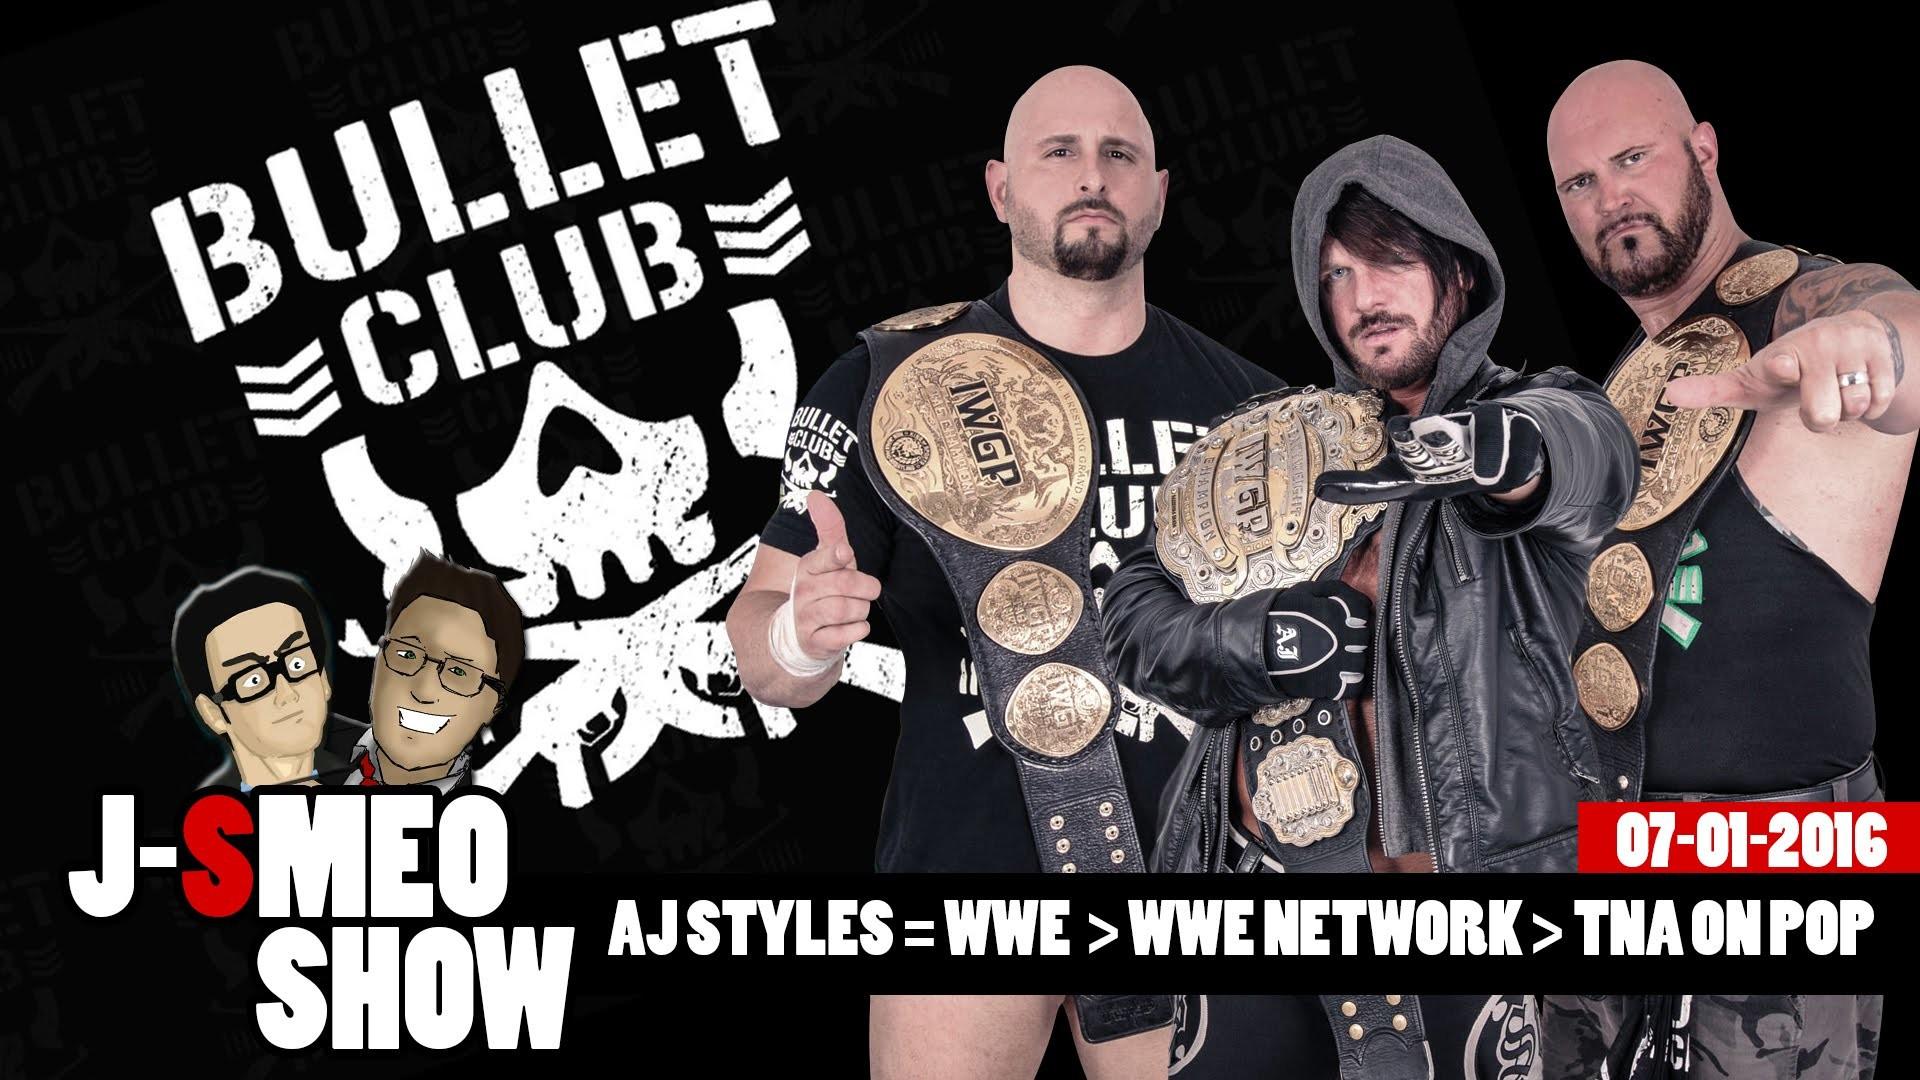 Bullet Club x TNA On Pop x WWE NETWORK (J-Smeo Show 07/01/2016)